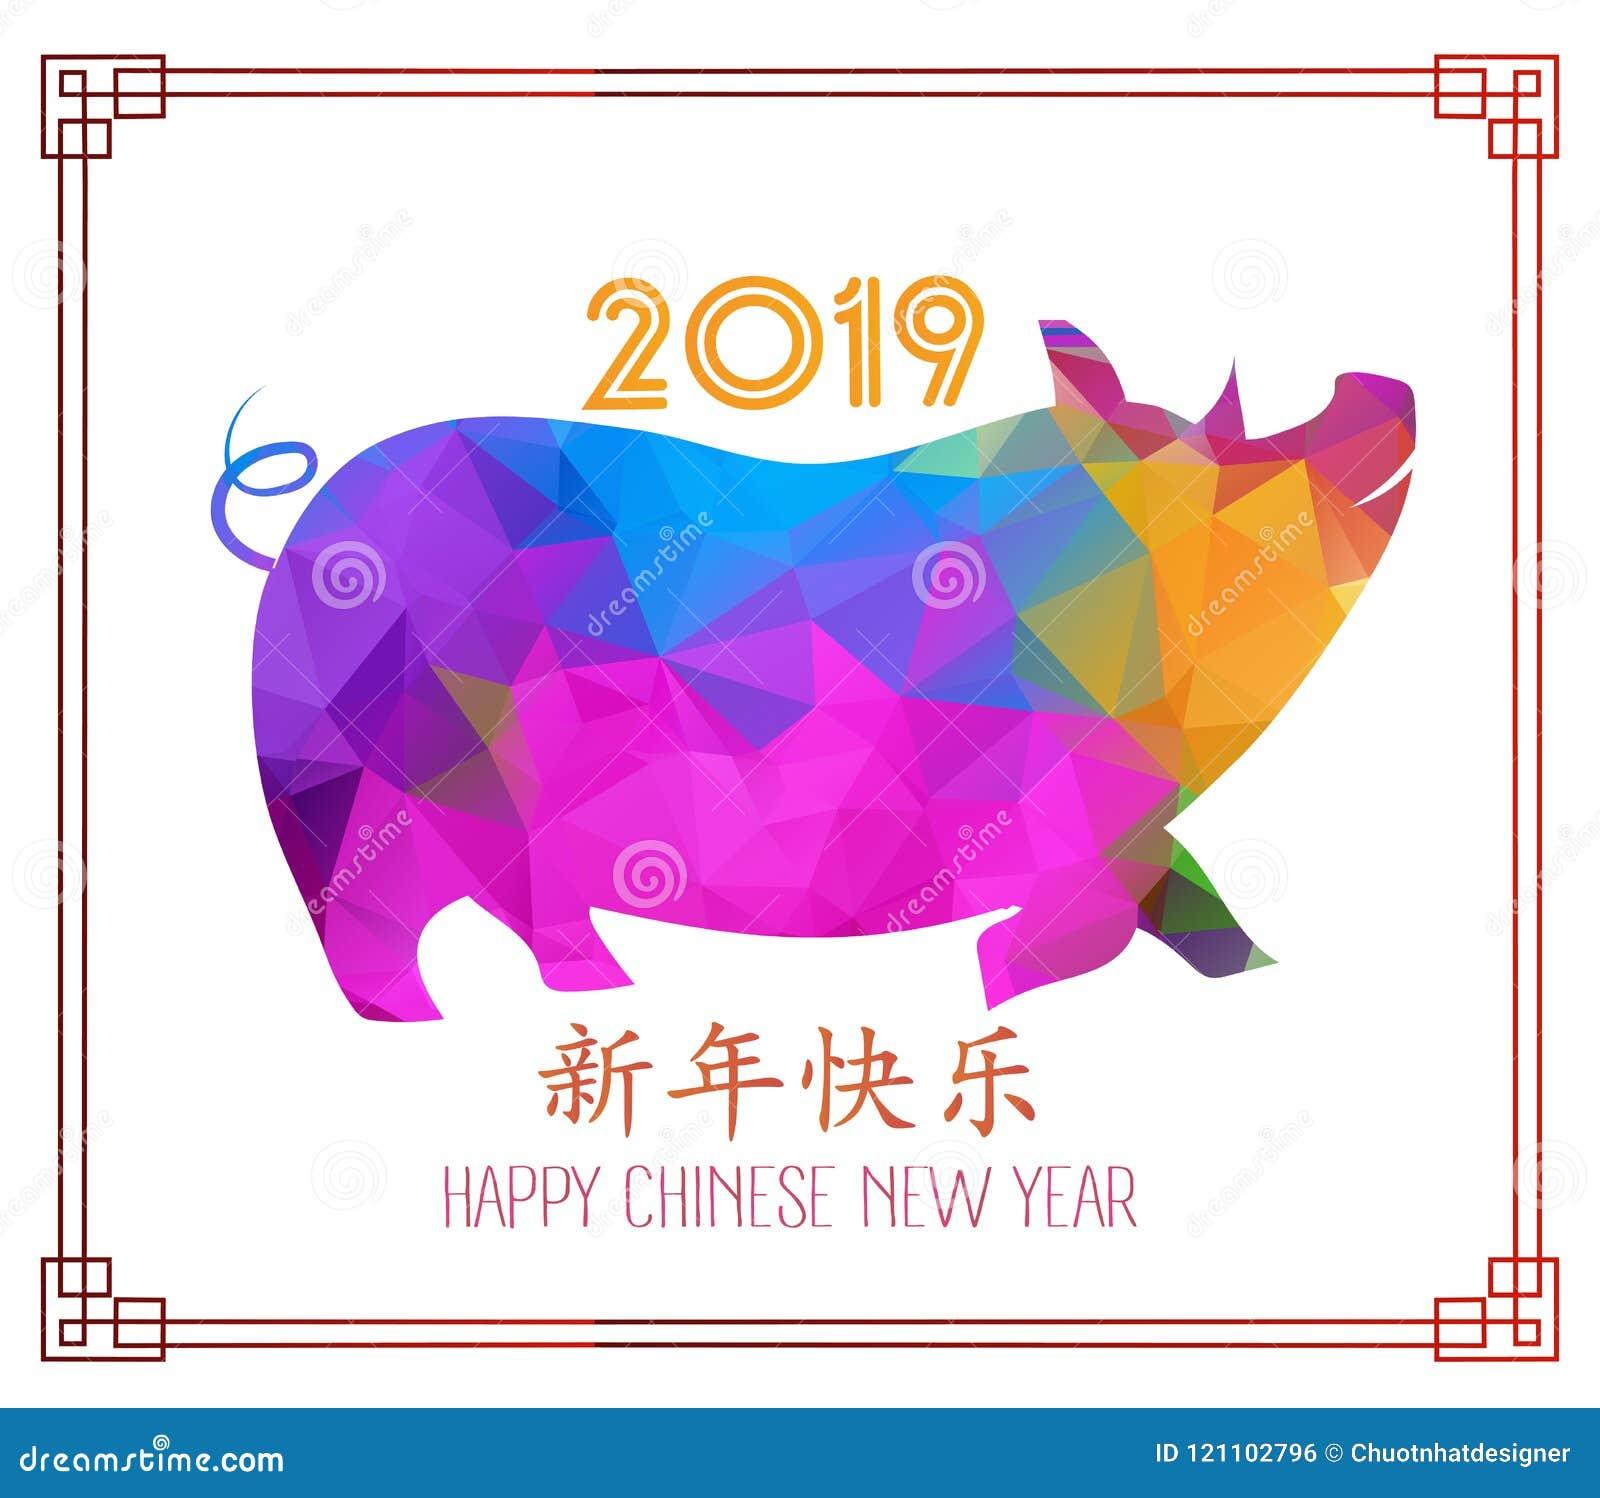 Polygonales Schweindesign für Feier des Chinesischen Neujahrsfests, glückliches Chinesisches Neujahrsfest 2019-jährig vom Schwein